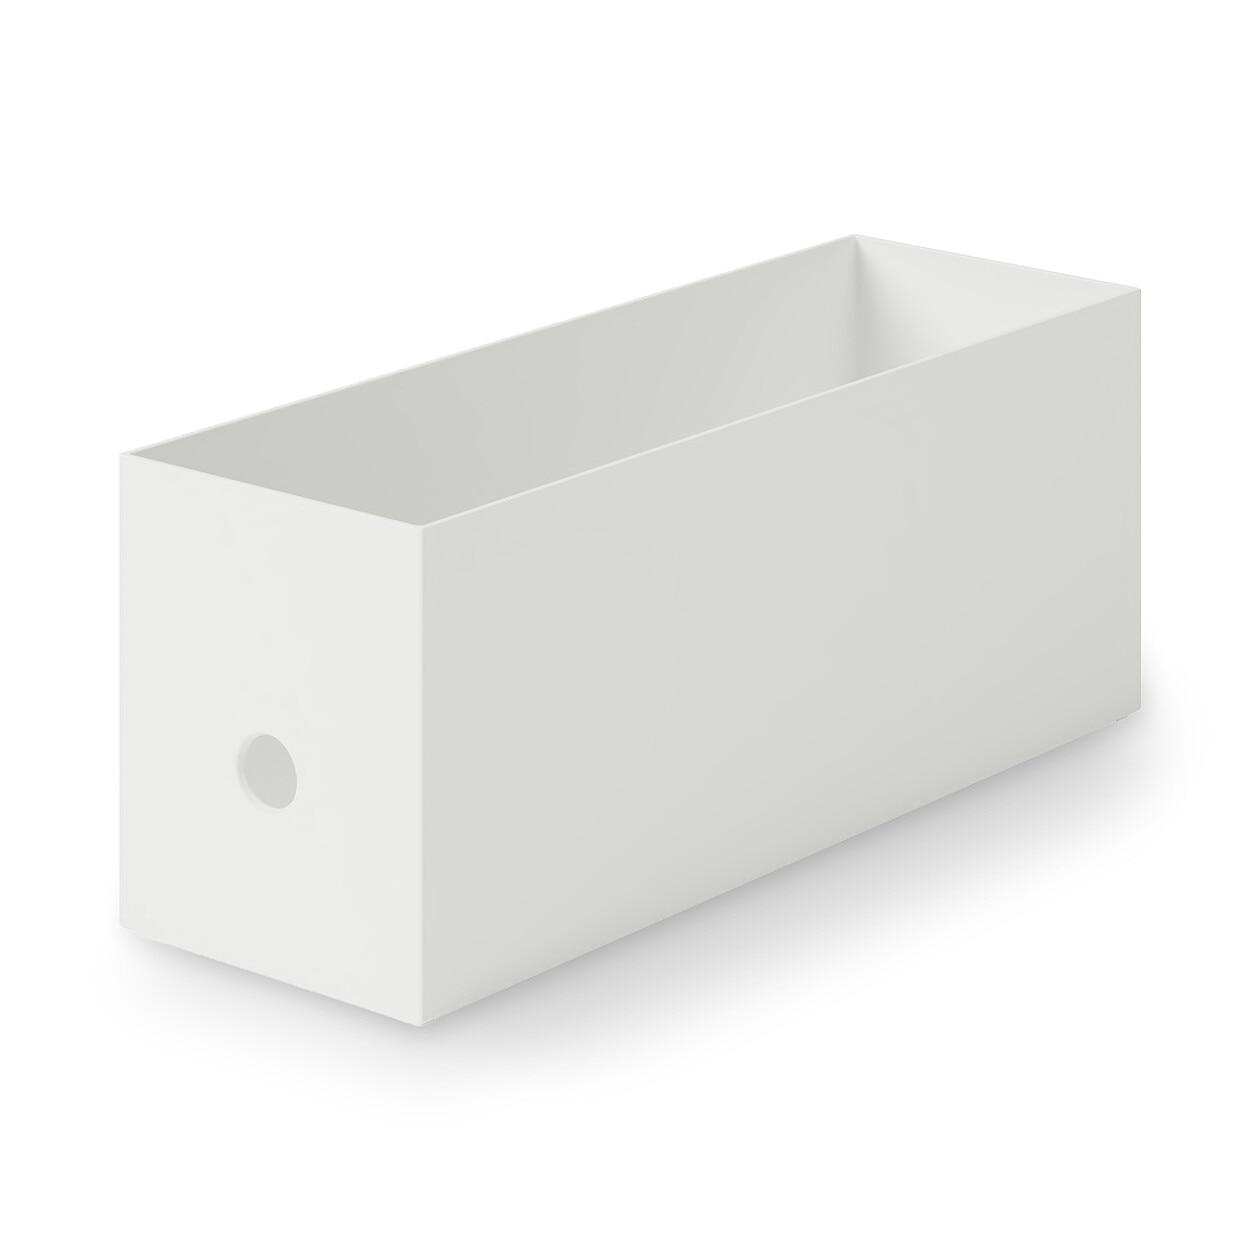 ポリプロピレンファイルボックス・スタンダードタイプ・ホワイトグレー・1/2の写真